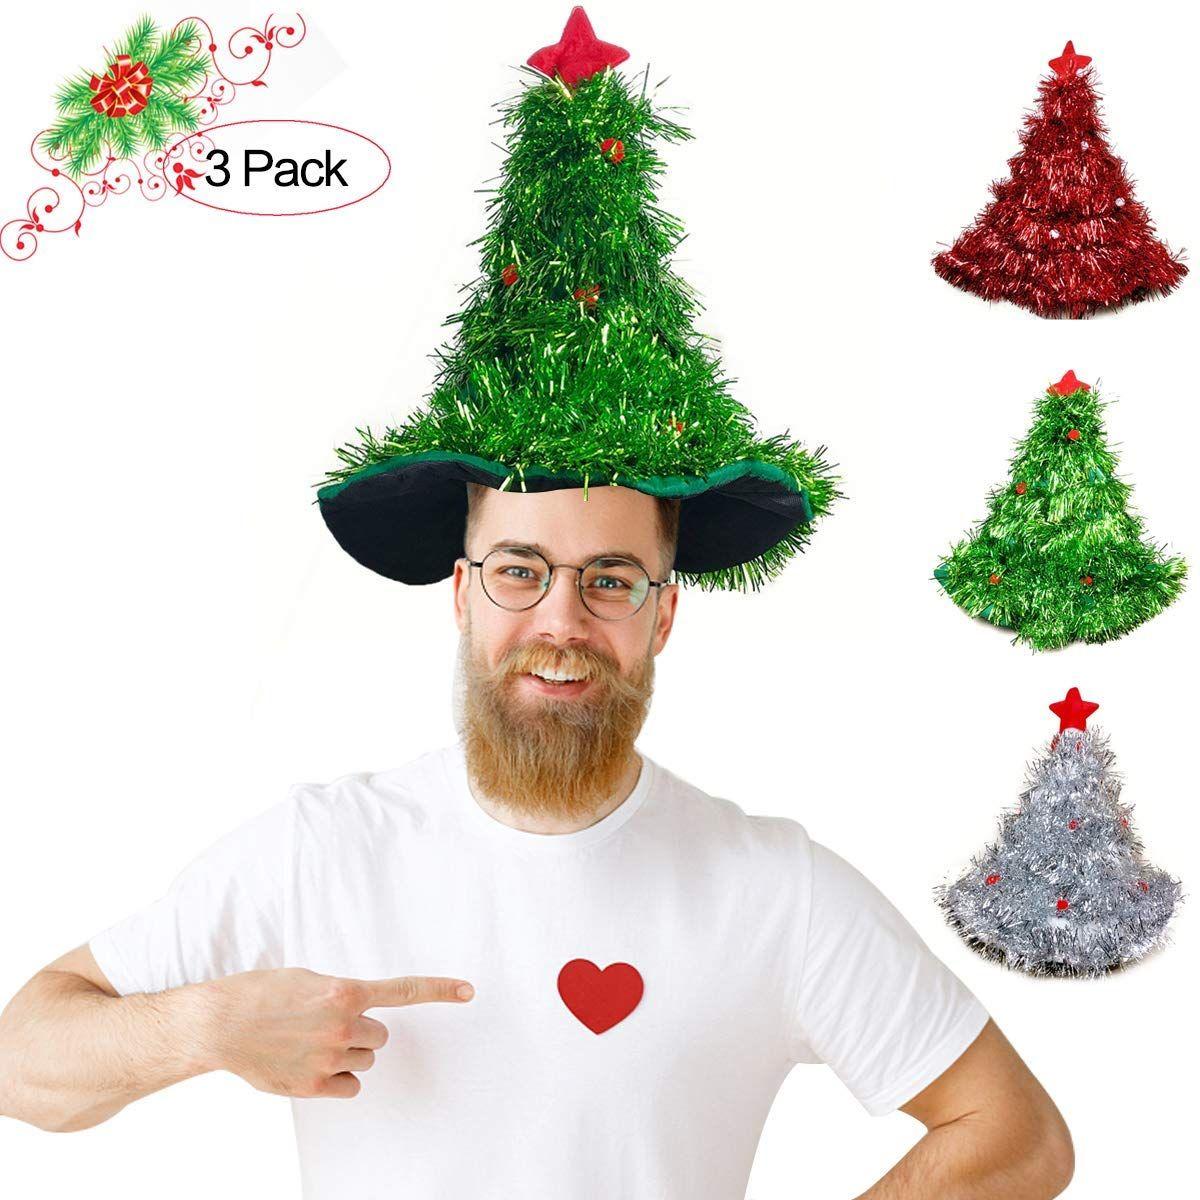 Compre Fiesta Navideña Caliente Mujeres Hombres Sombreros Divertidos Para  Fiestas Sombrero De Navidad Sombreros Para Árboles De Navidad es En Stock A   4.06 ... 02f875cb1e9